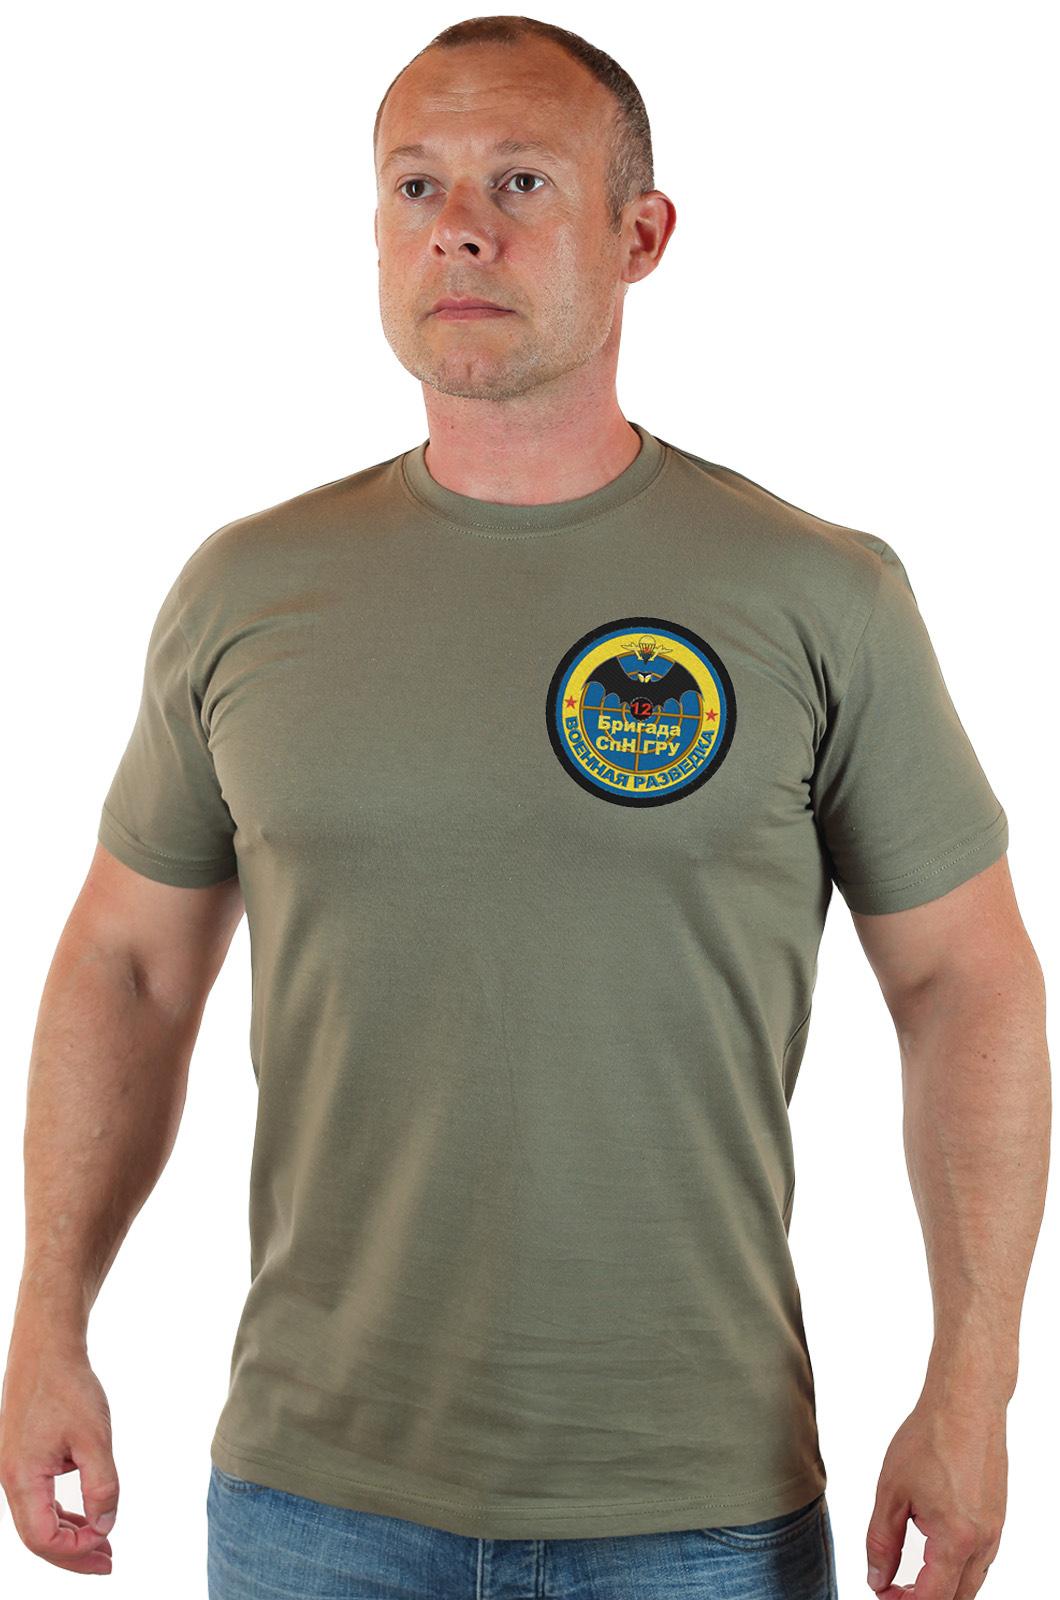 Купить в военторге Военпро футболку с символикой 12 бригады СпН ГРУ